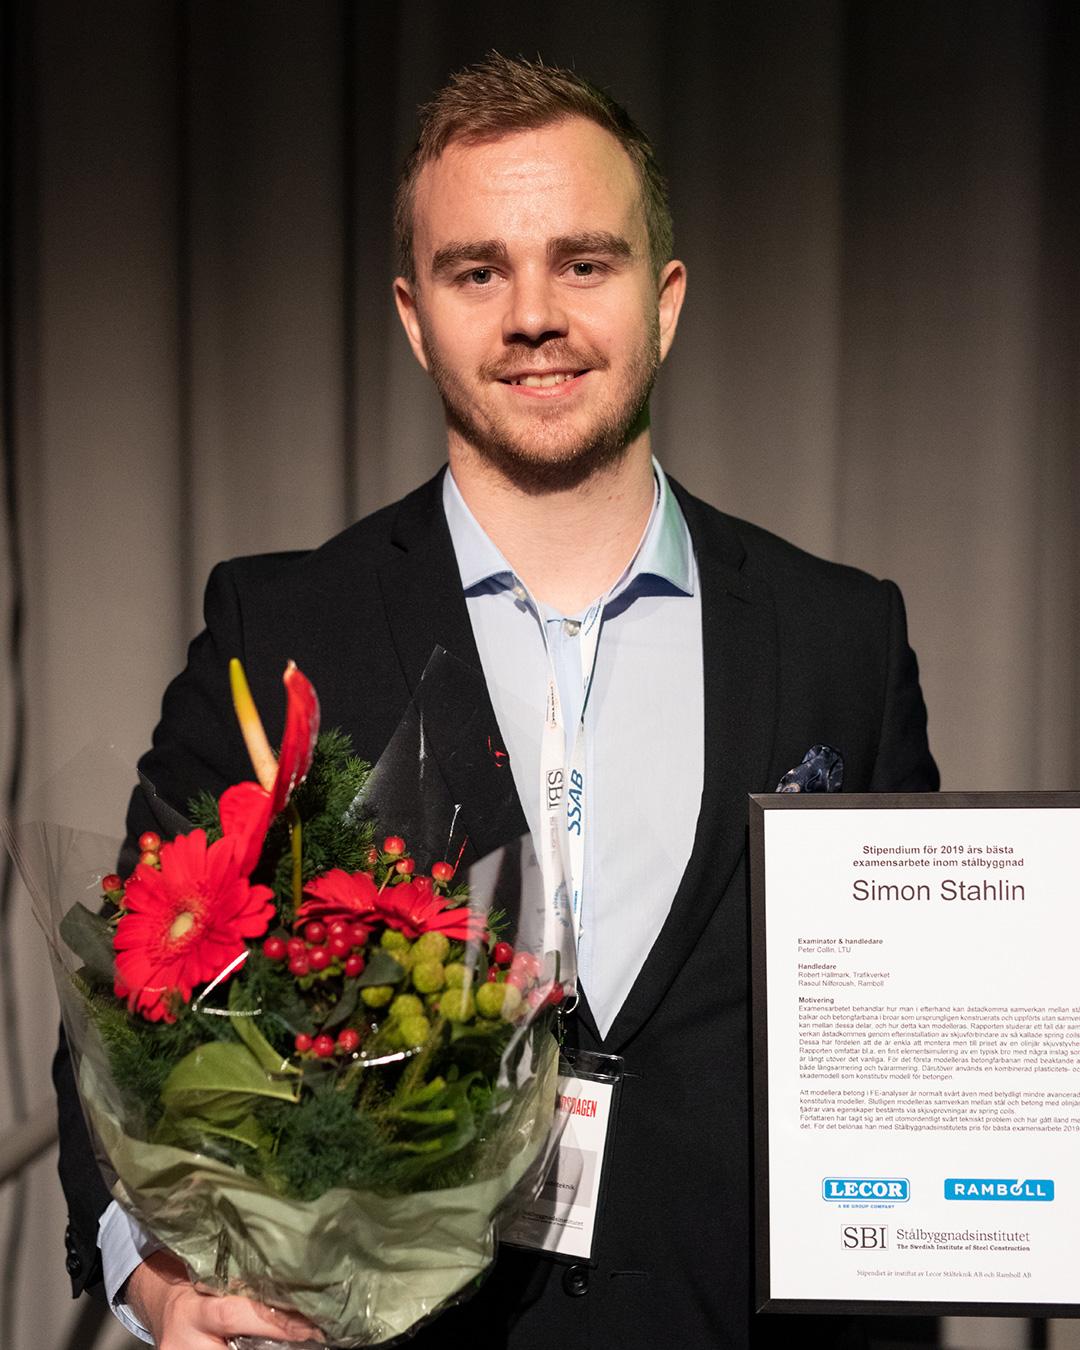 Simon Stahlin från site vinner basta examensarbete 2019 mottar satalbyggnadspriset